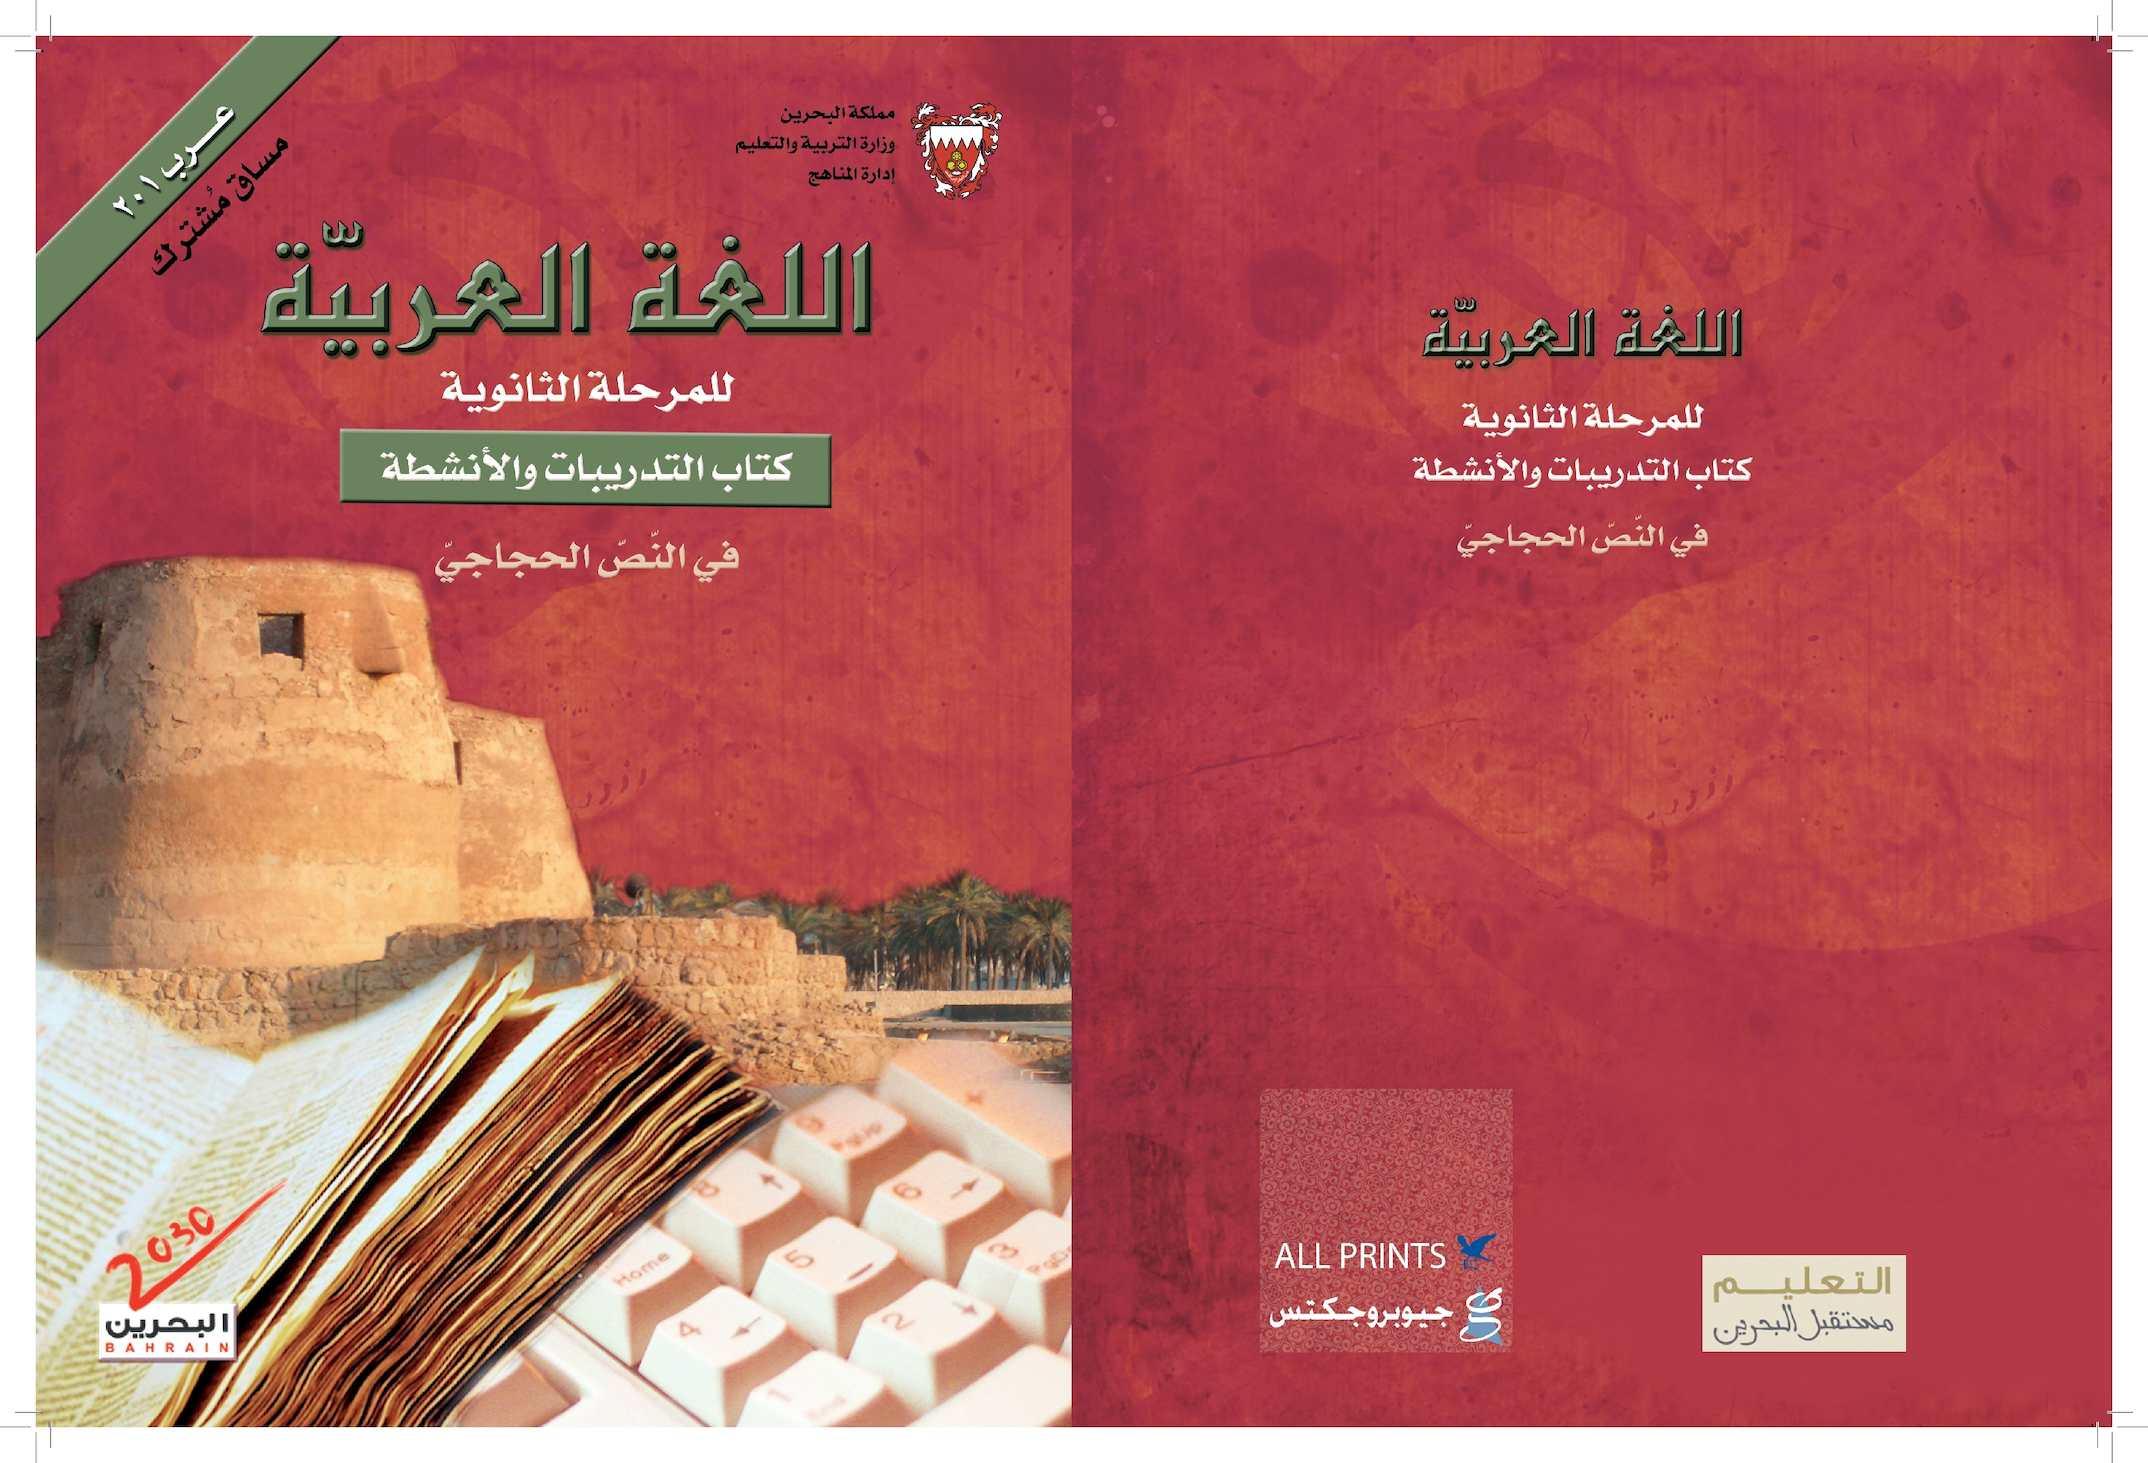 المنهاج البحريني كتاب التدريبات و الأنشطة في النّص الحجاجي